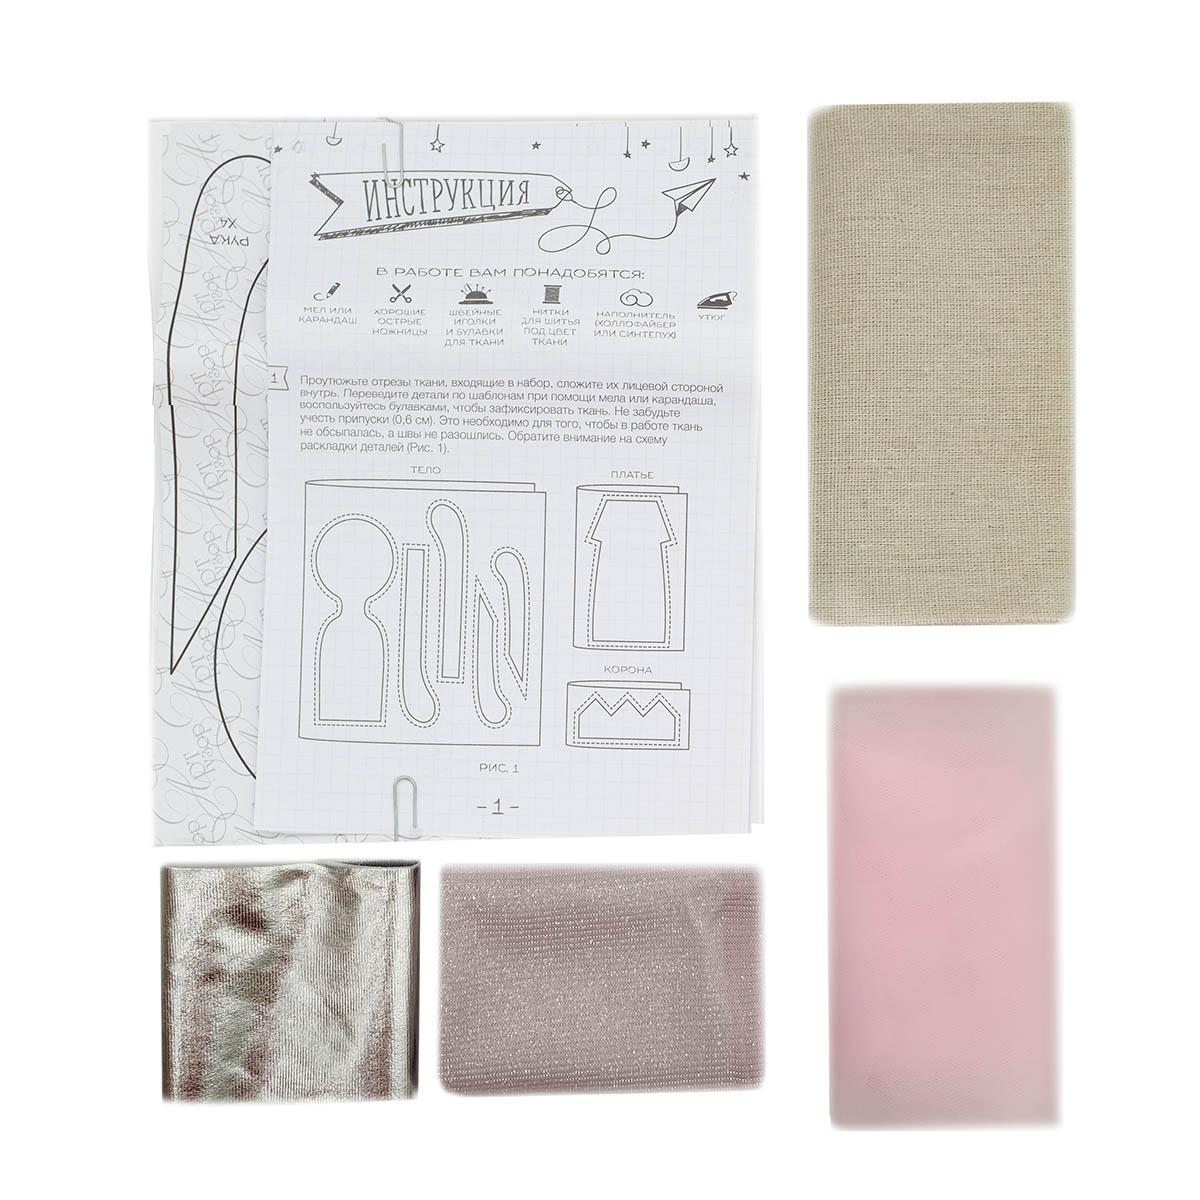 2583249 Набор для шитья 'Игрушка - сплюшка Принцесса Лея', 18 х 22 х 3,6 см